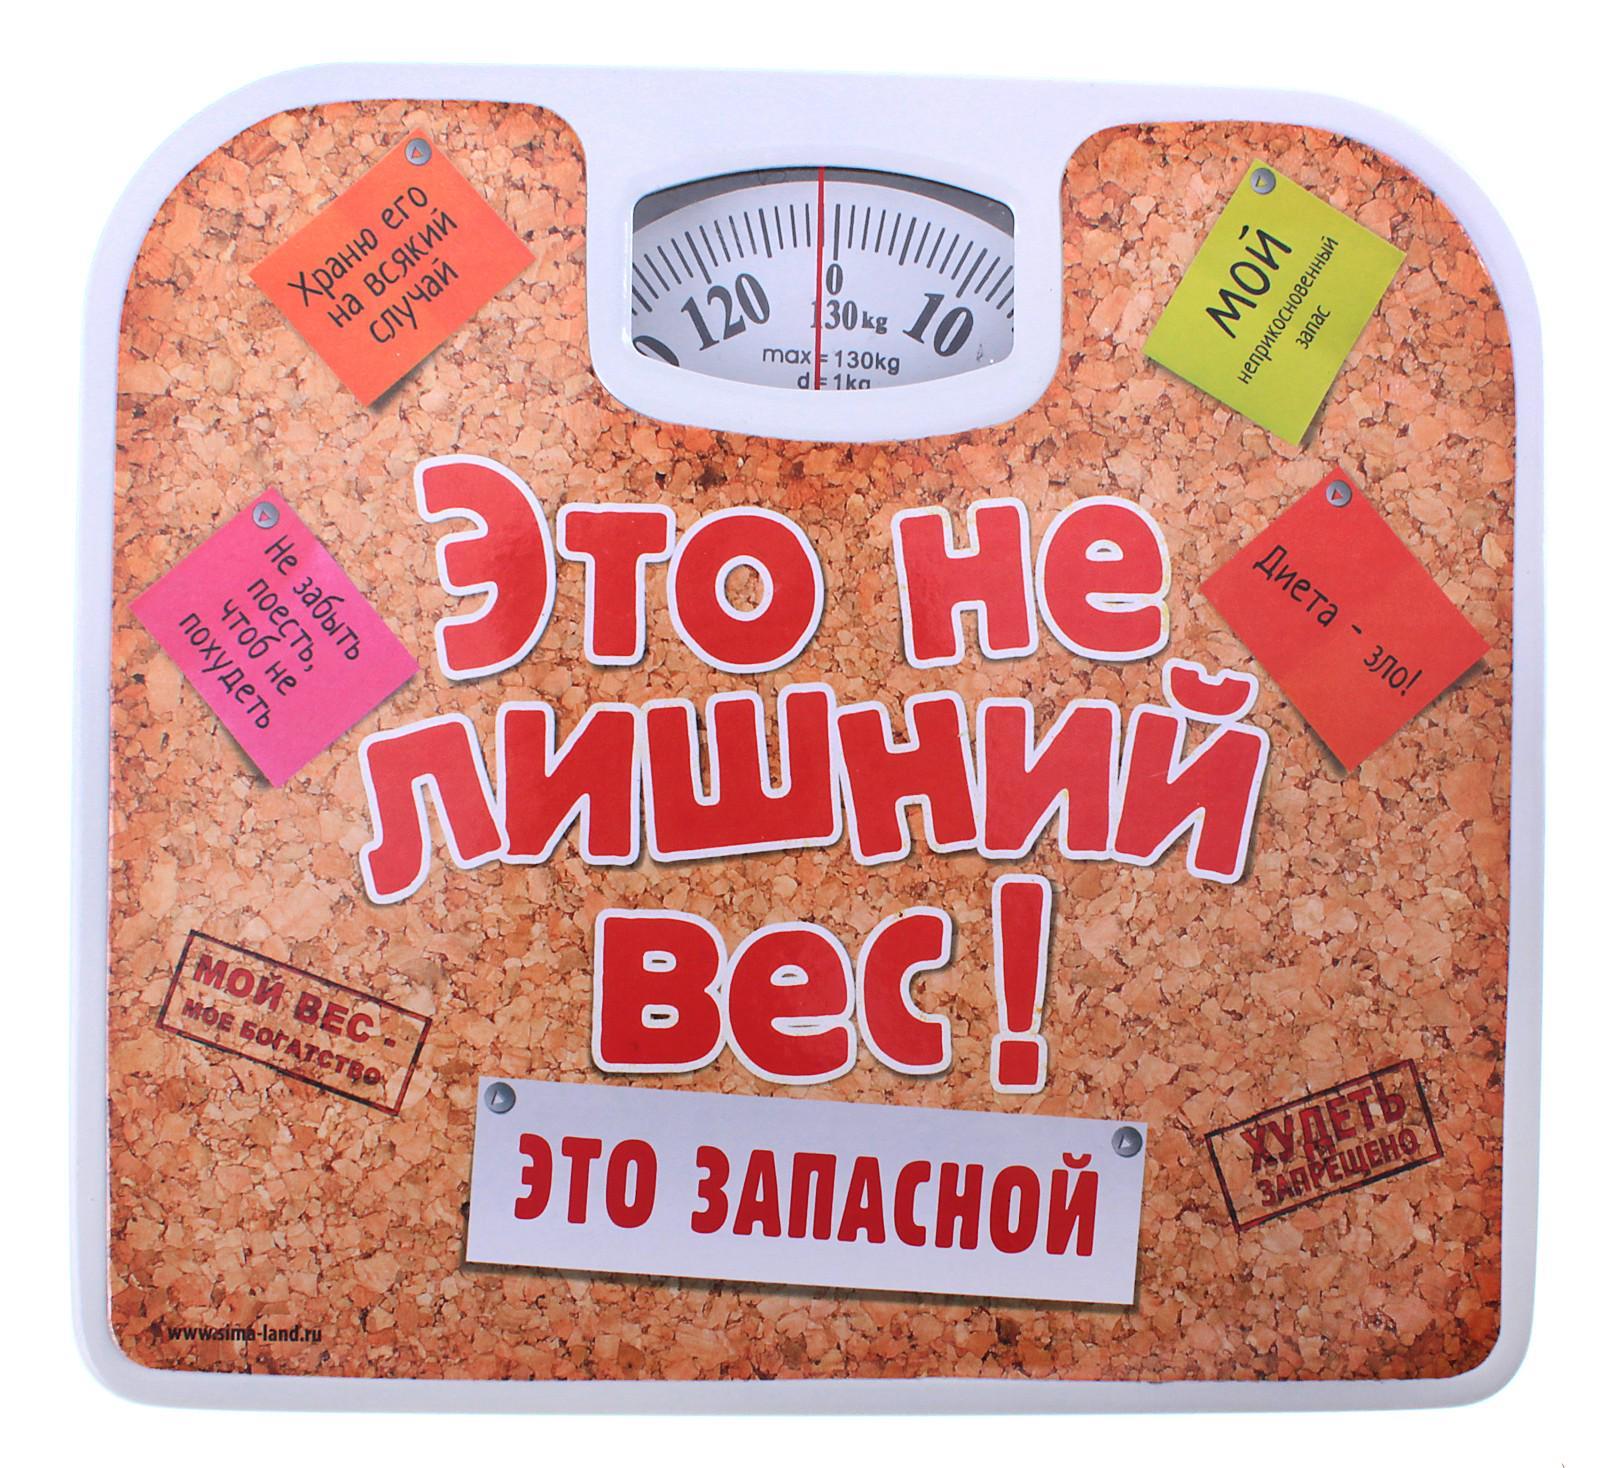 Приколы про вес картинки, вид